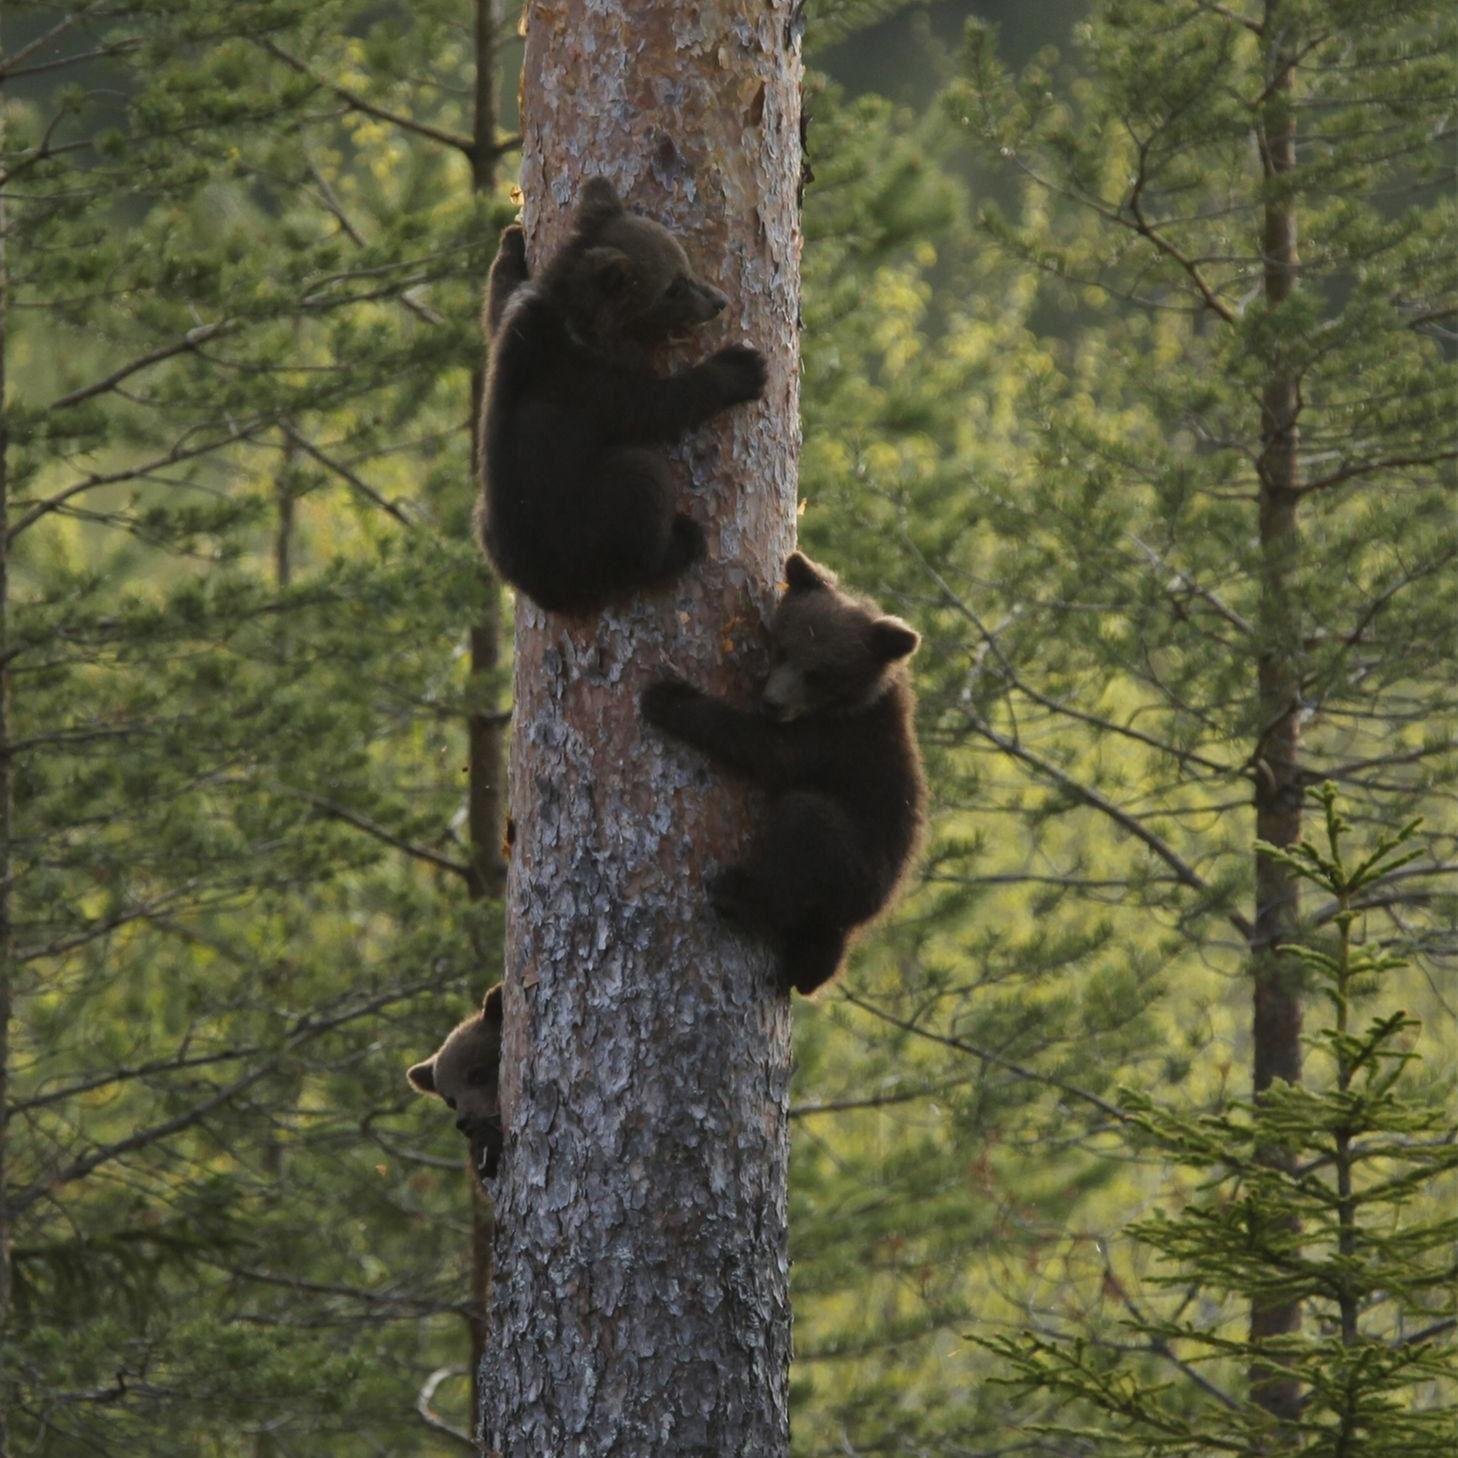 Håkan Vargas S.,  © Håkan Vargas S., Vid fara klättrar björnungarna mycket snabbt upp i närmaste träd, och